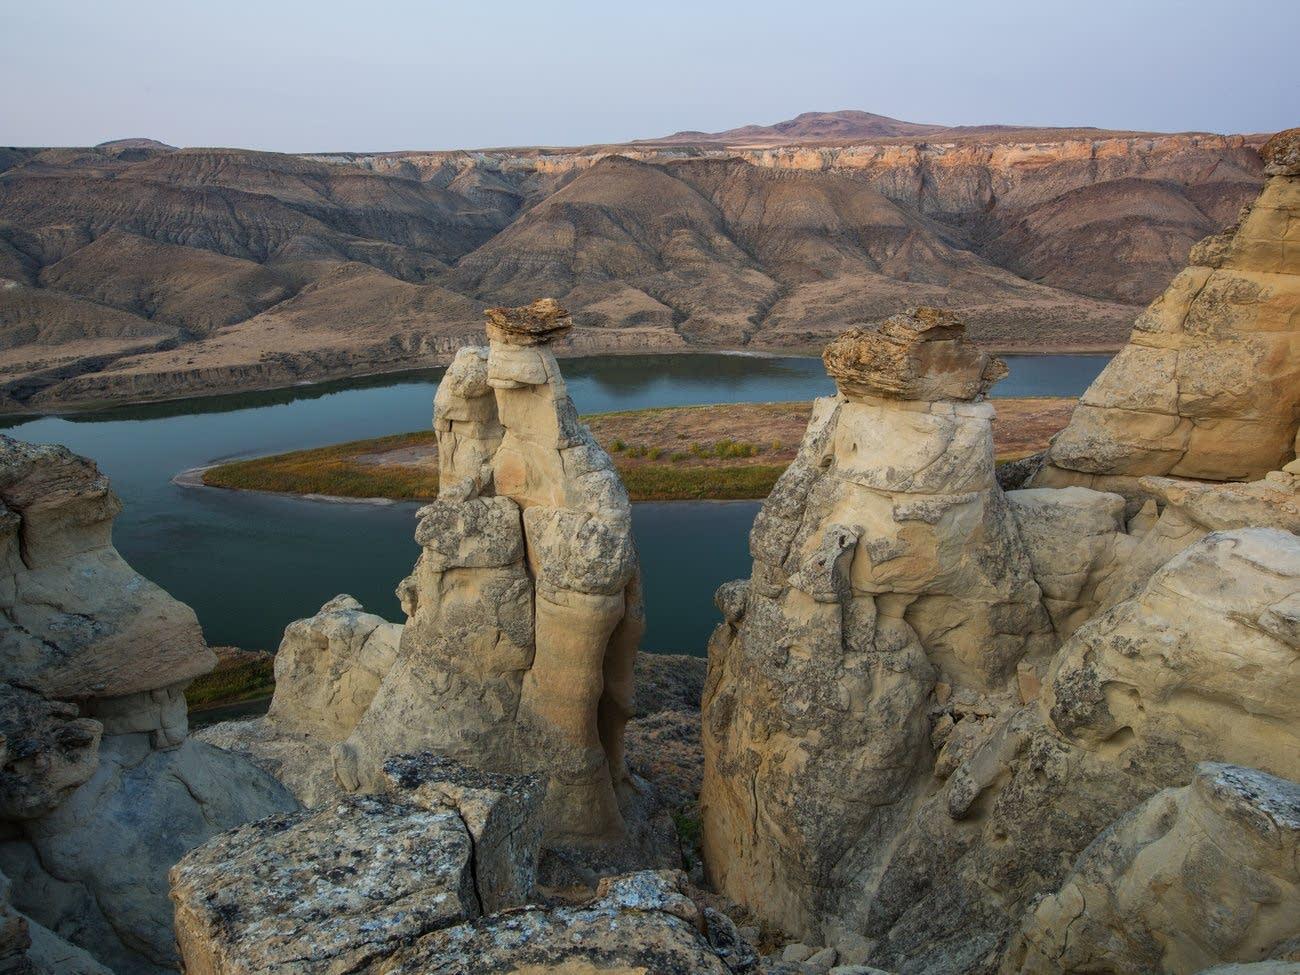 Upper Missouri River Breaks National Monument